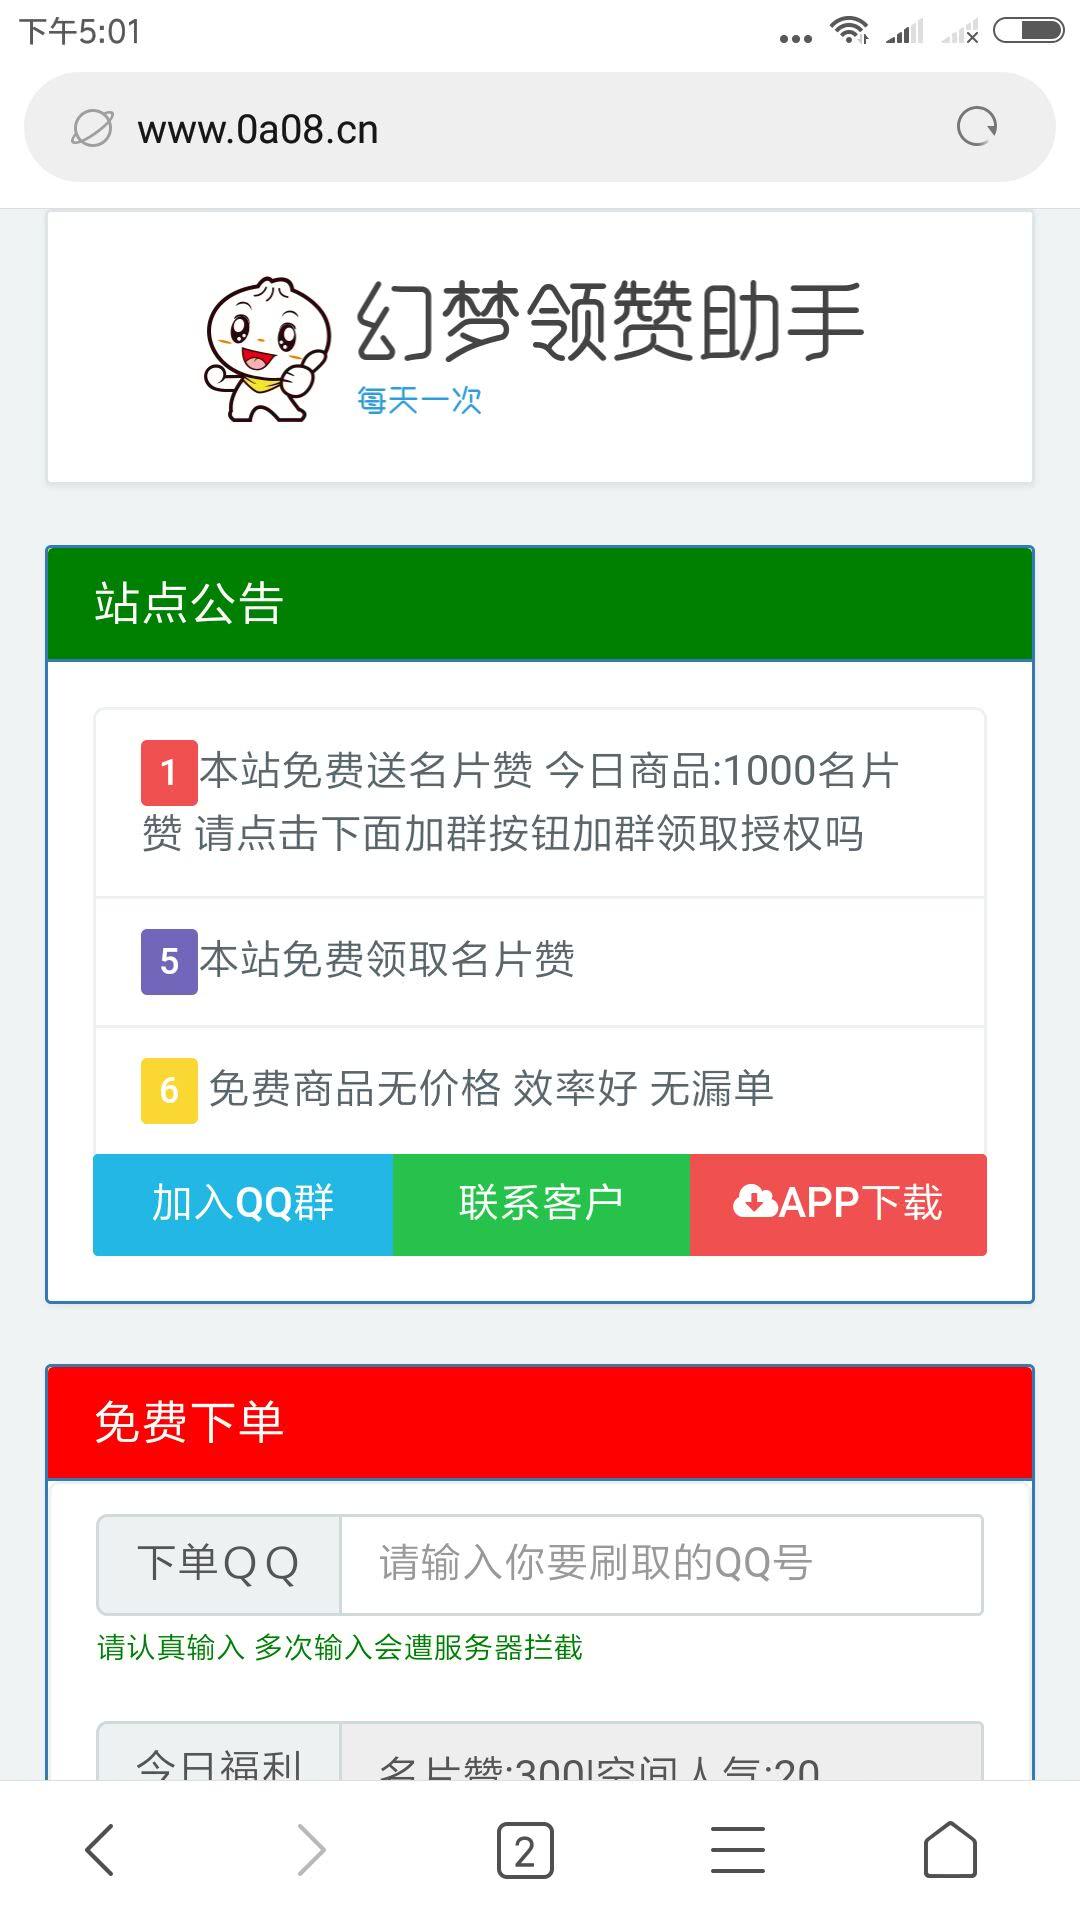 PHP领赞助手网页版源码,可对接社区引流必备